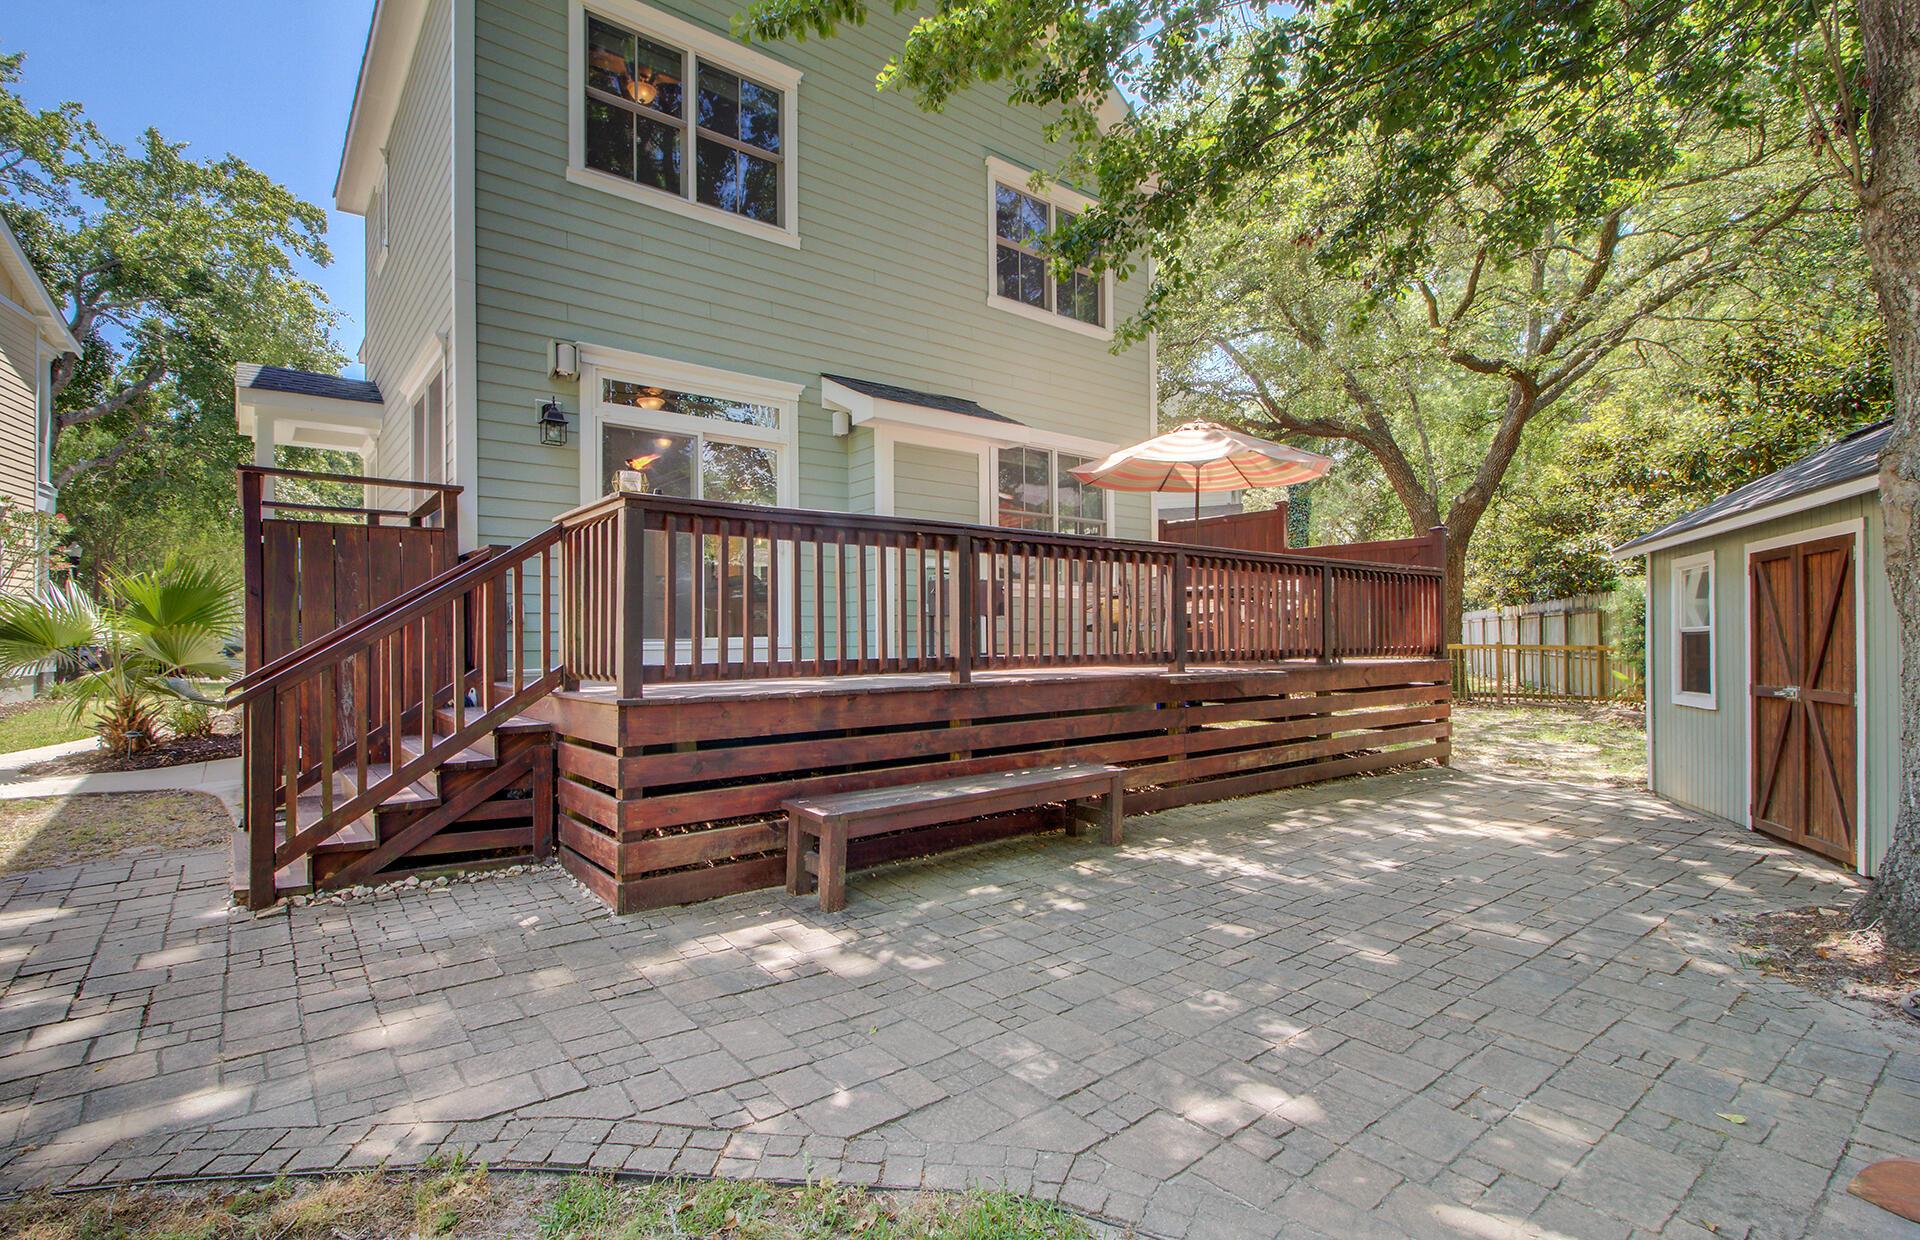 Phillips Park Homes For Sale - 1129 Phillips Park, Mount Pleasant, SC - 3